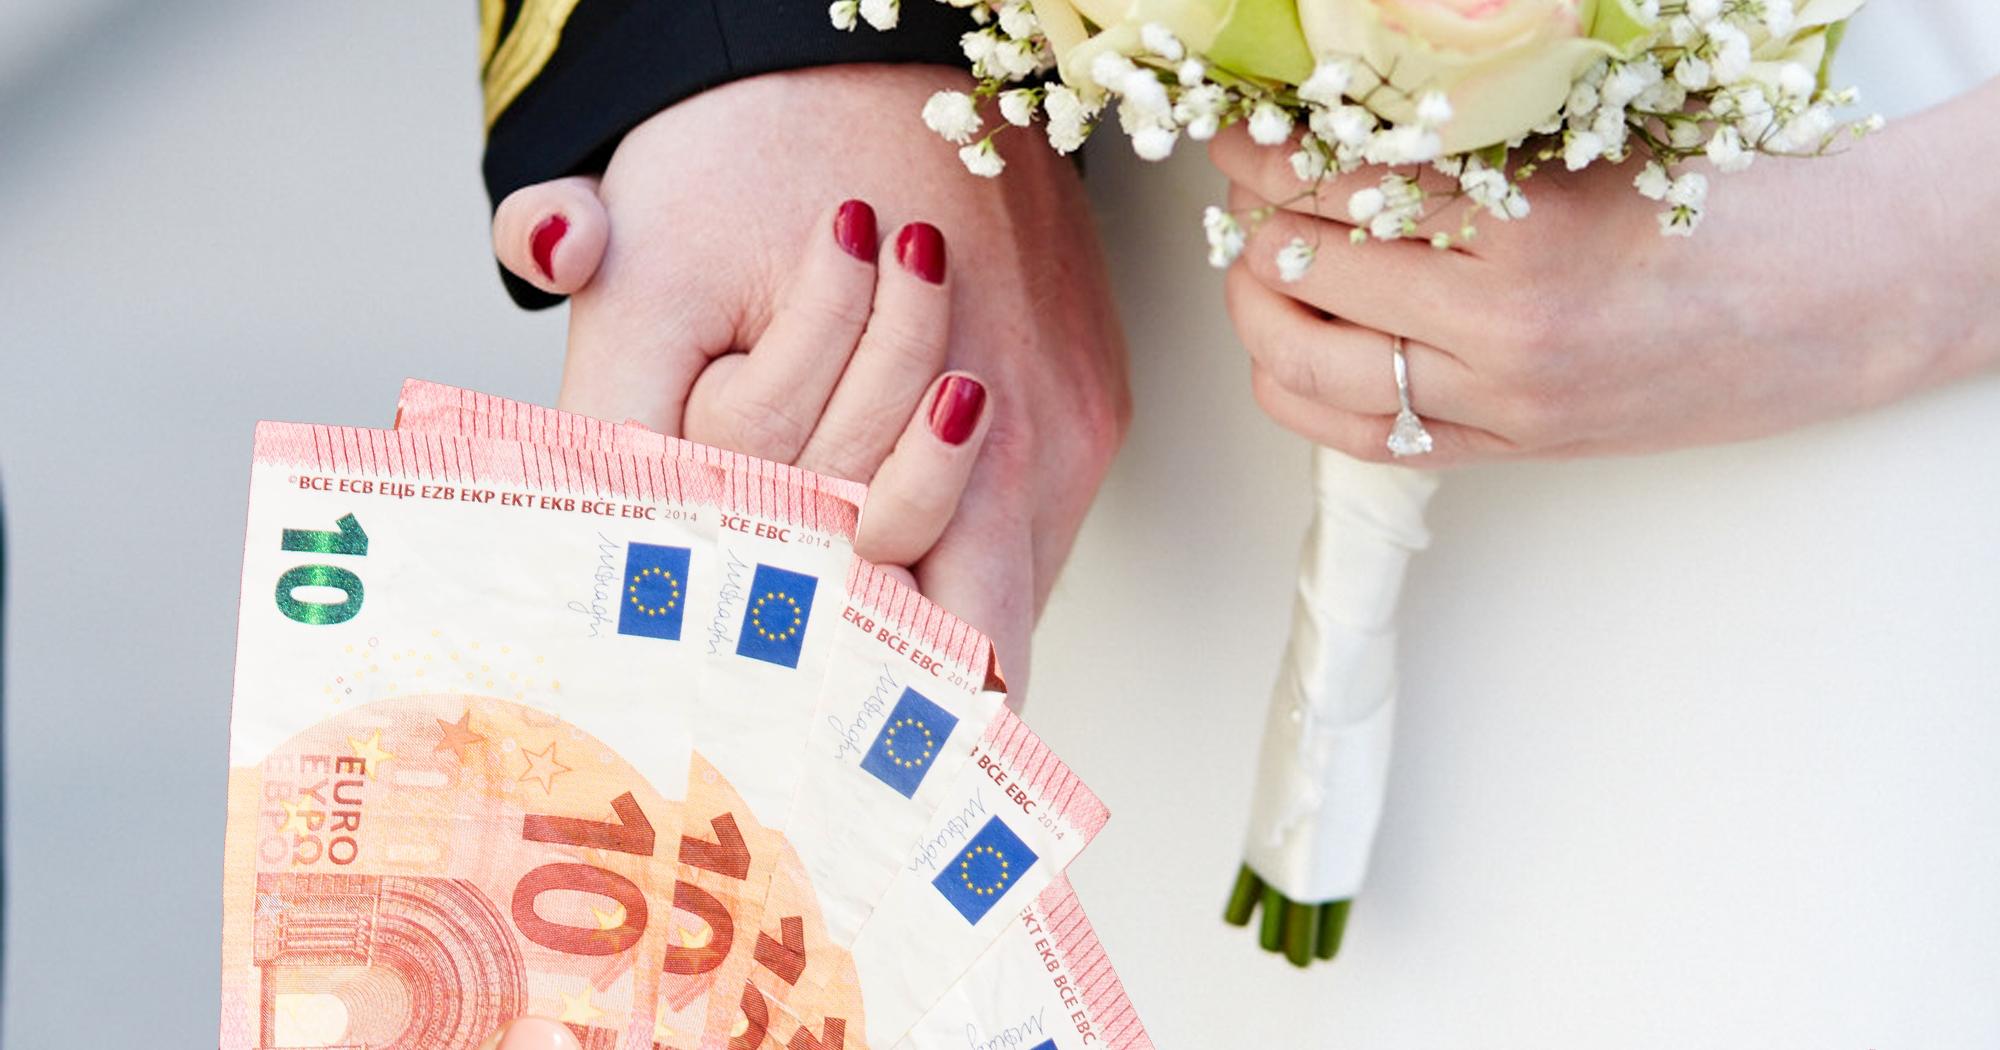 Hochzeit Geschenk Wie Viel Geld Sollte Man Schenken